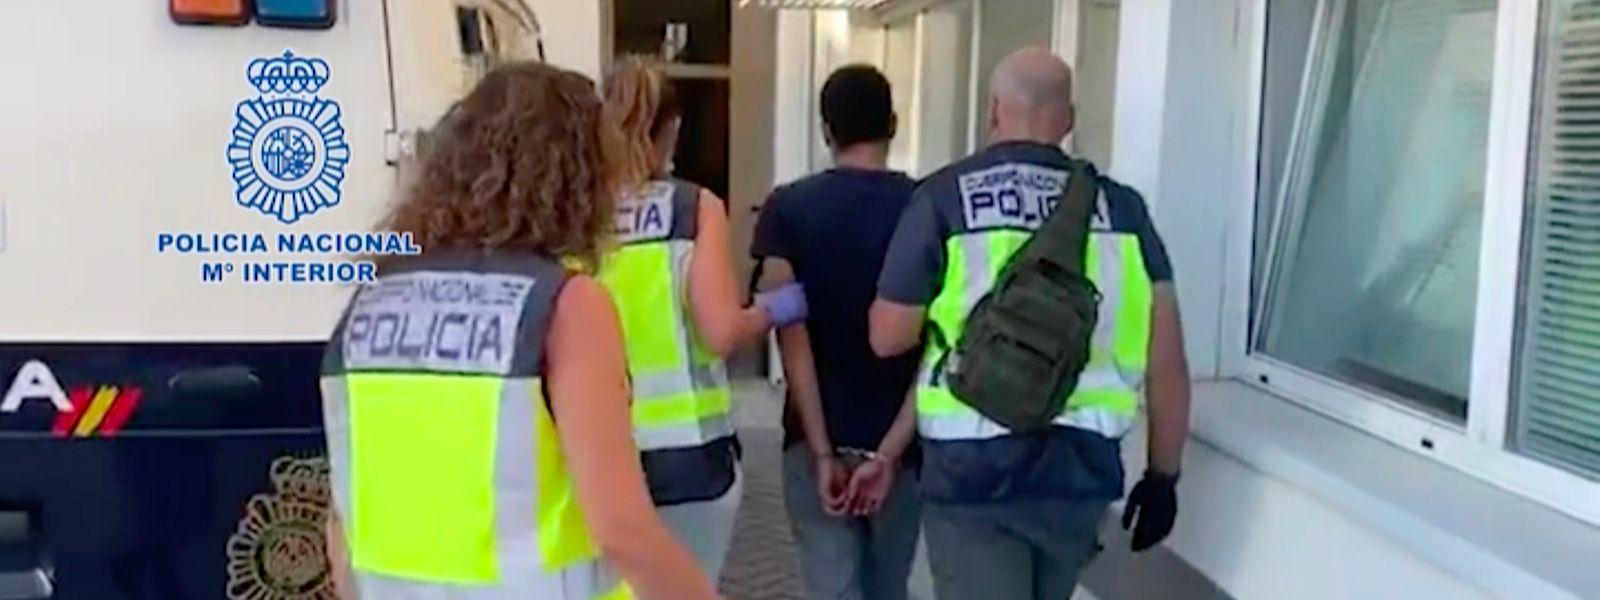 Kiesch wird am 10. August von spanischen Polizisten abgeführt.